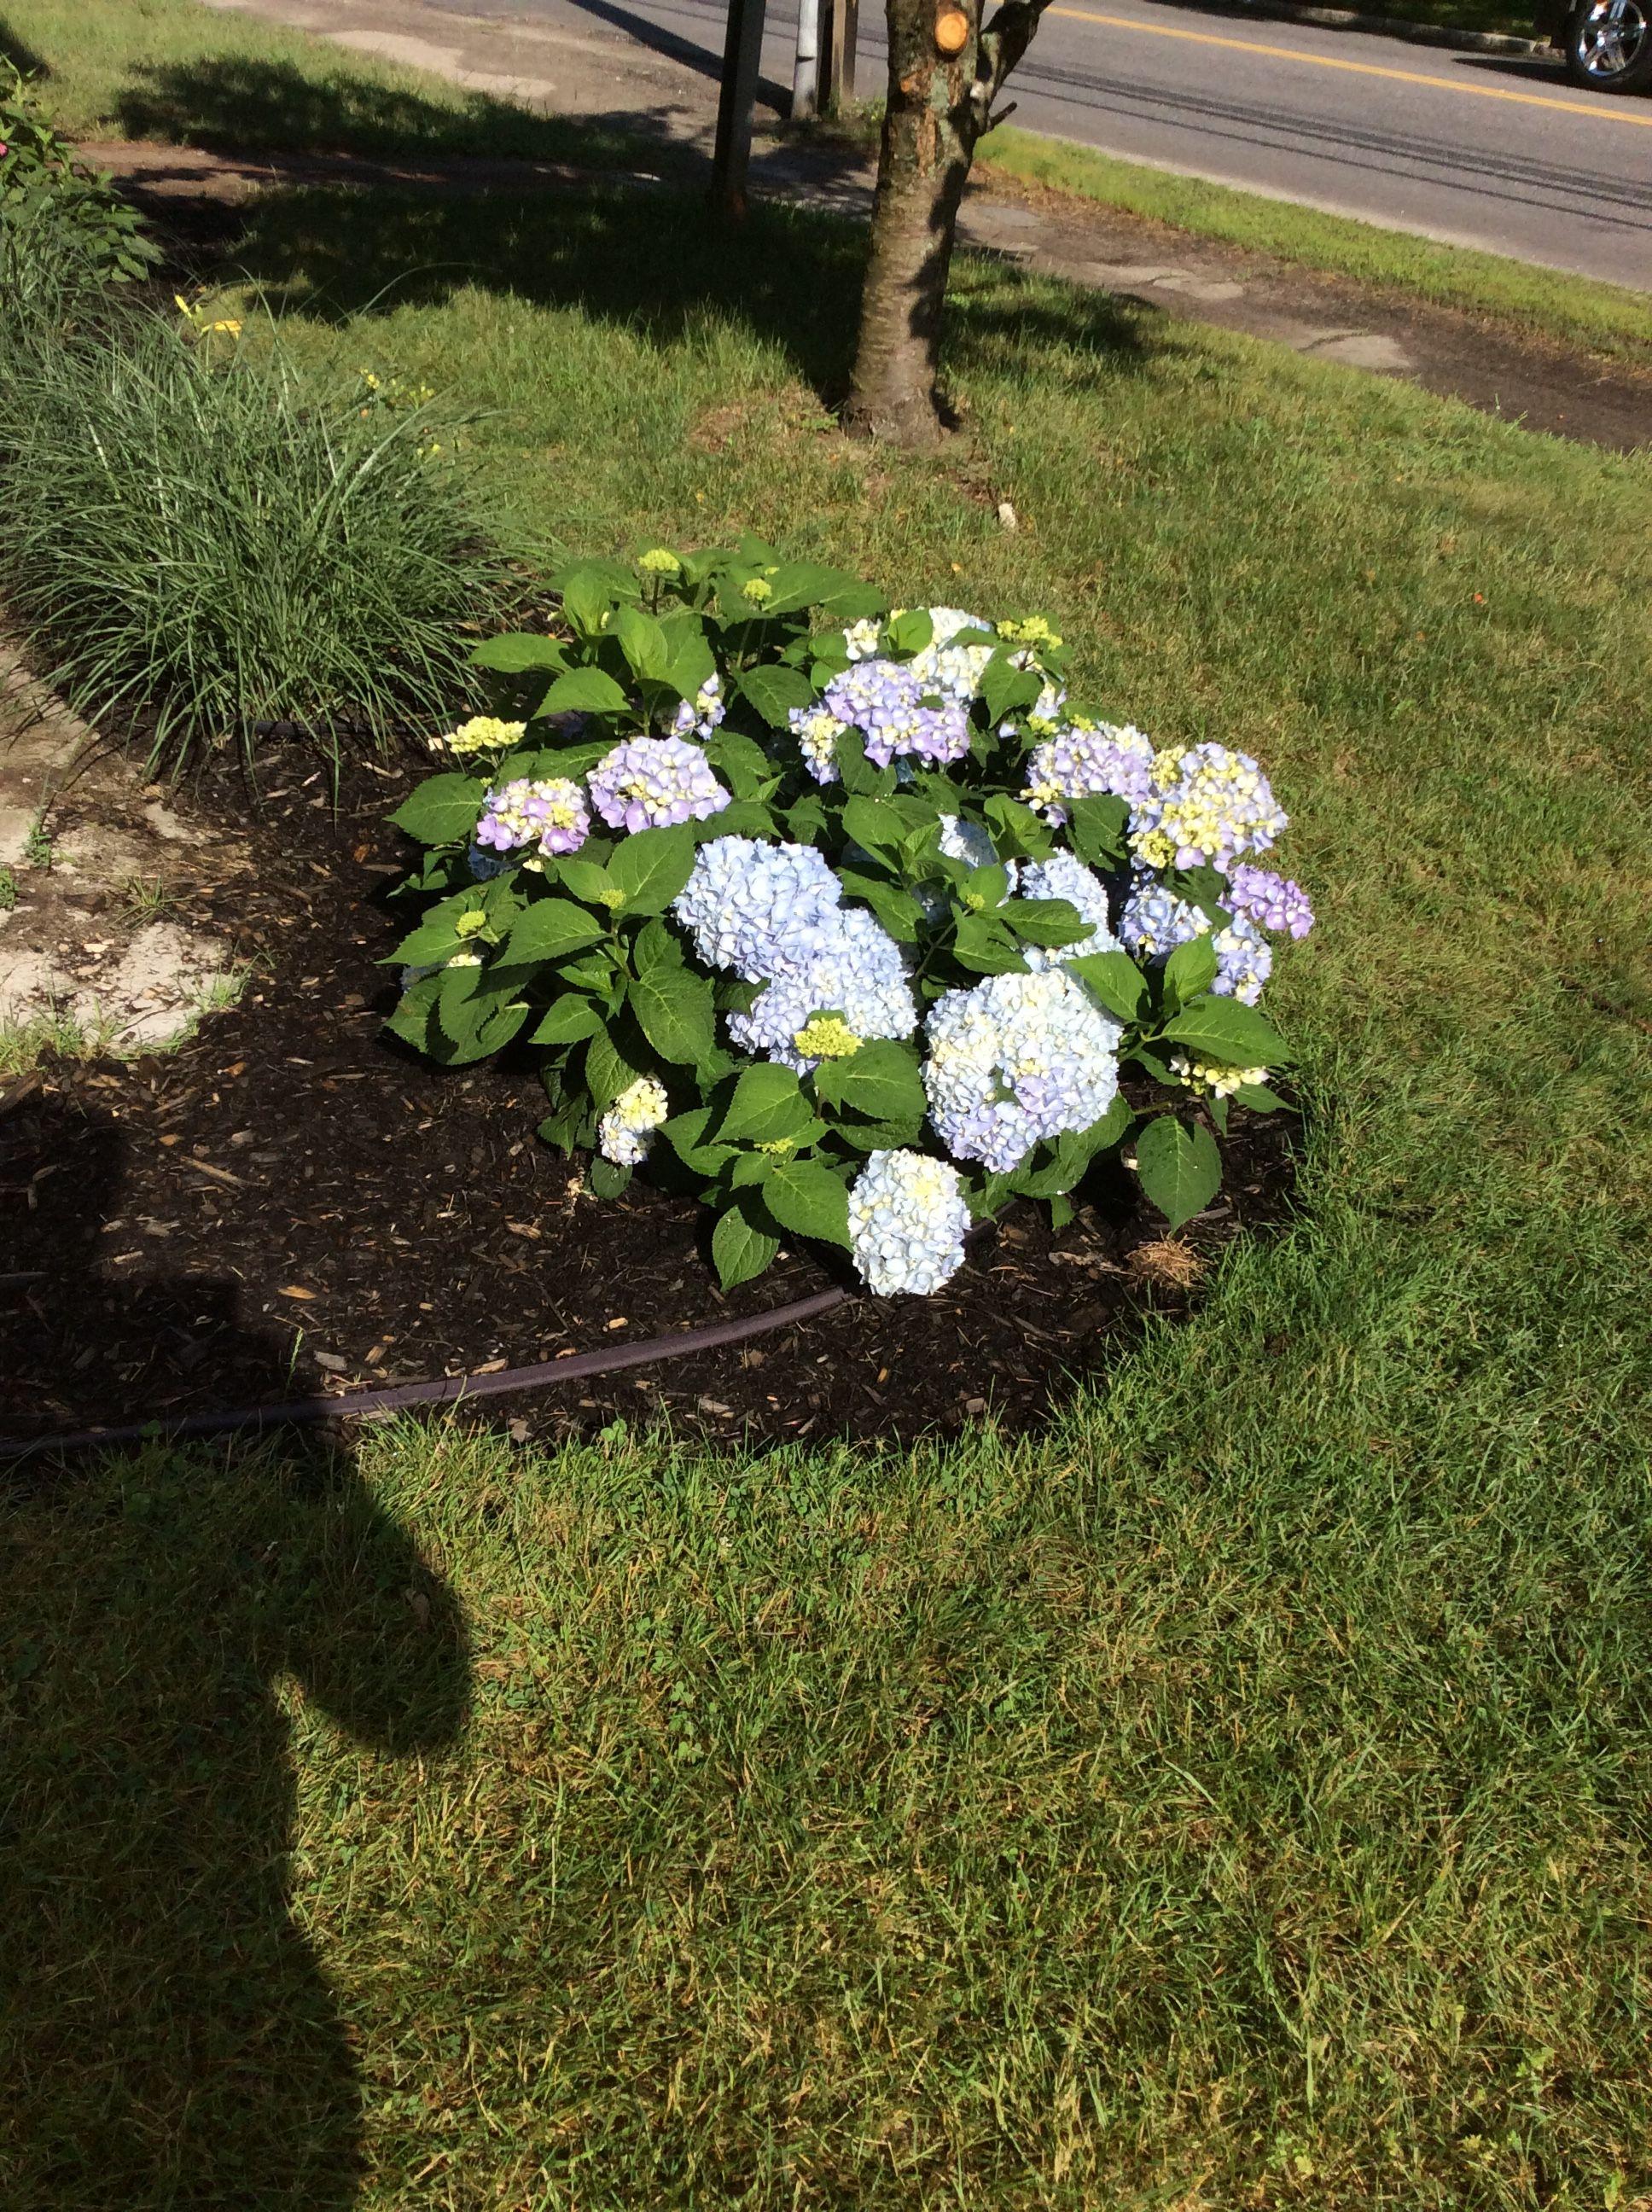 Pin by bg on Garden  Garden, Plants, Outdoor decor